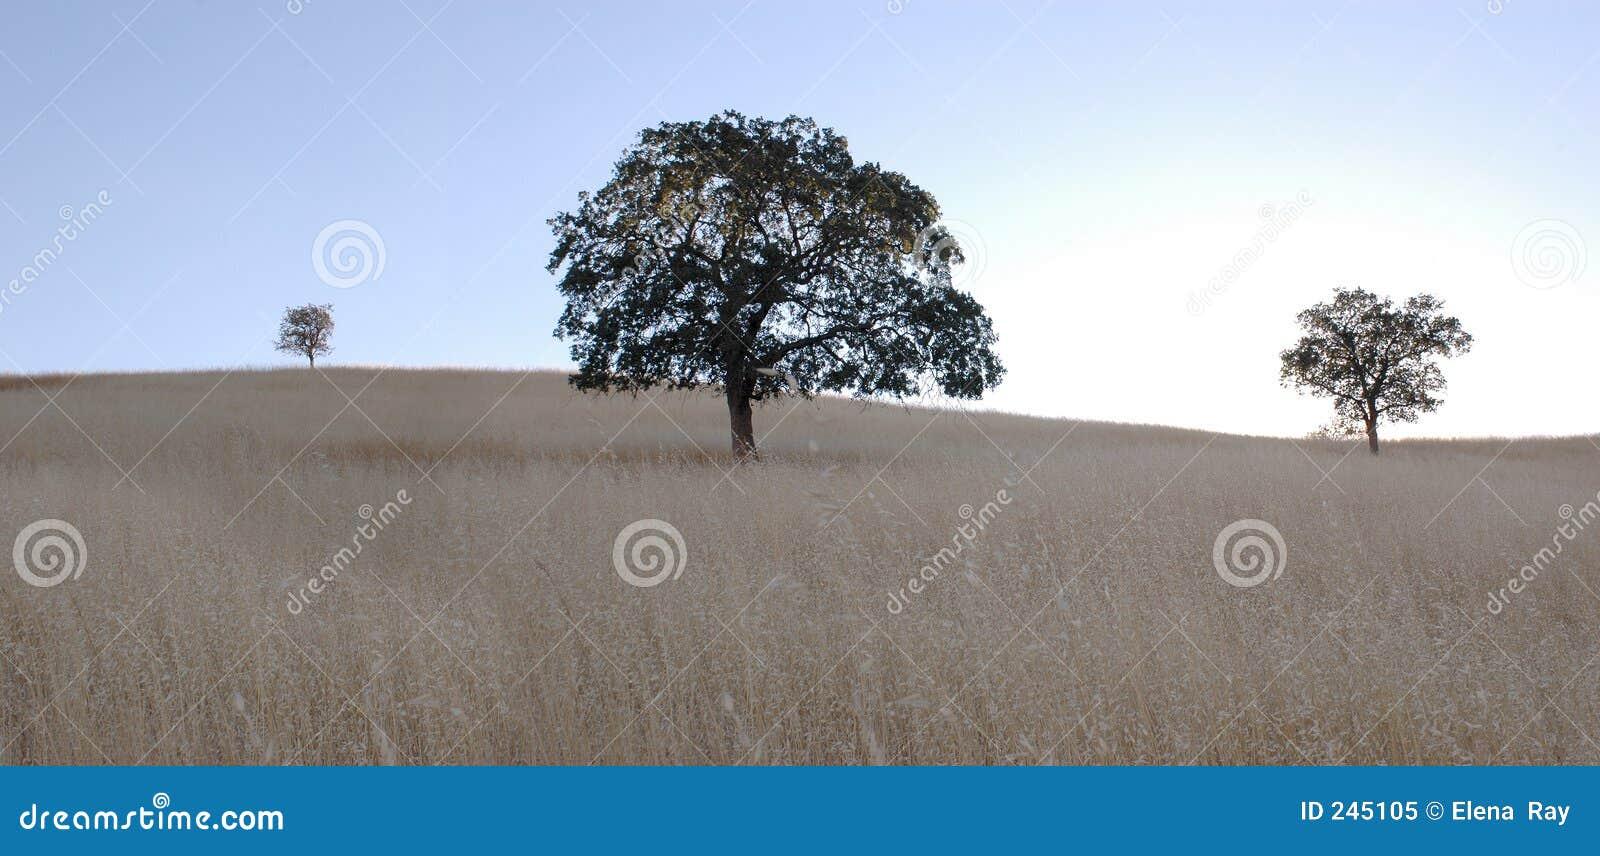 Eichen-Baum-Panorama